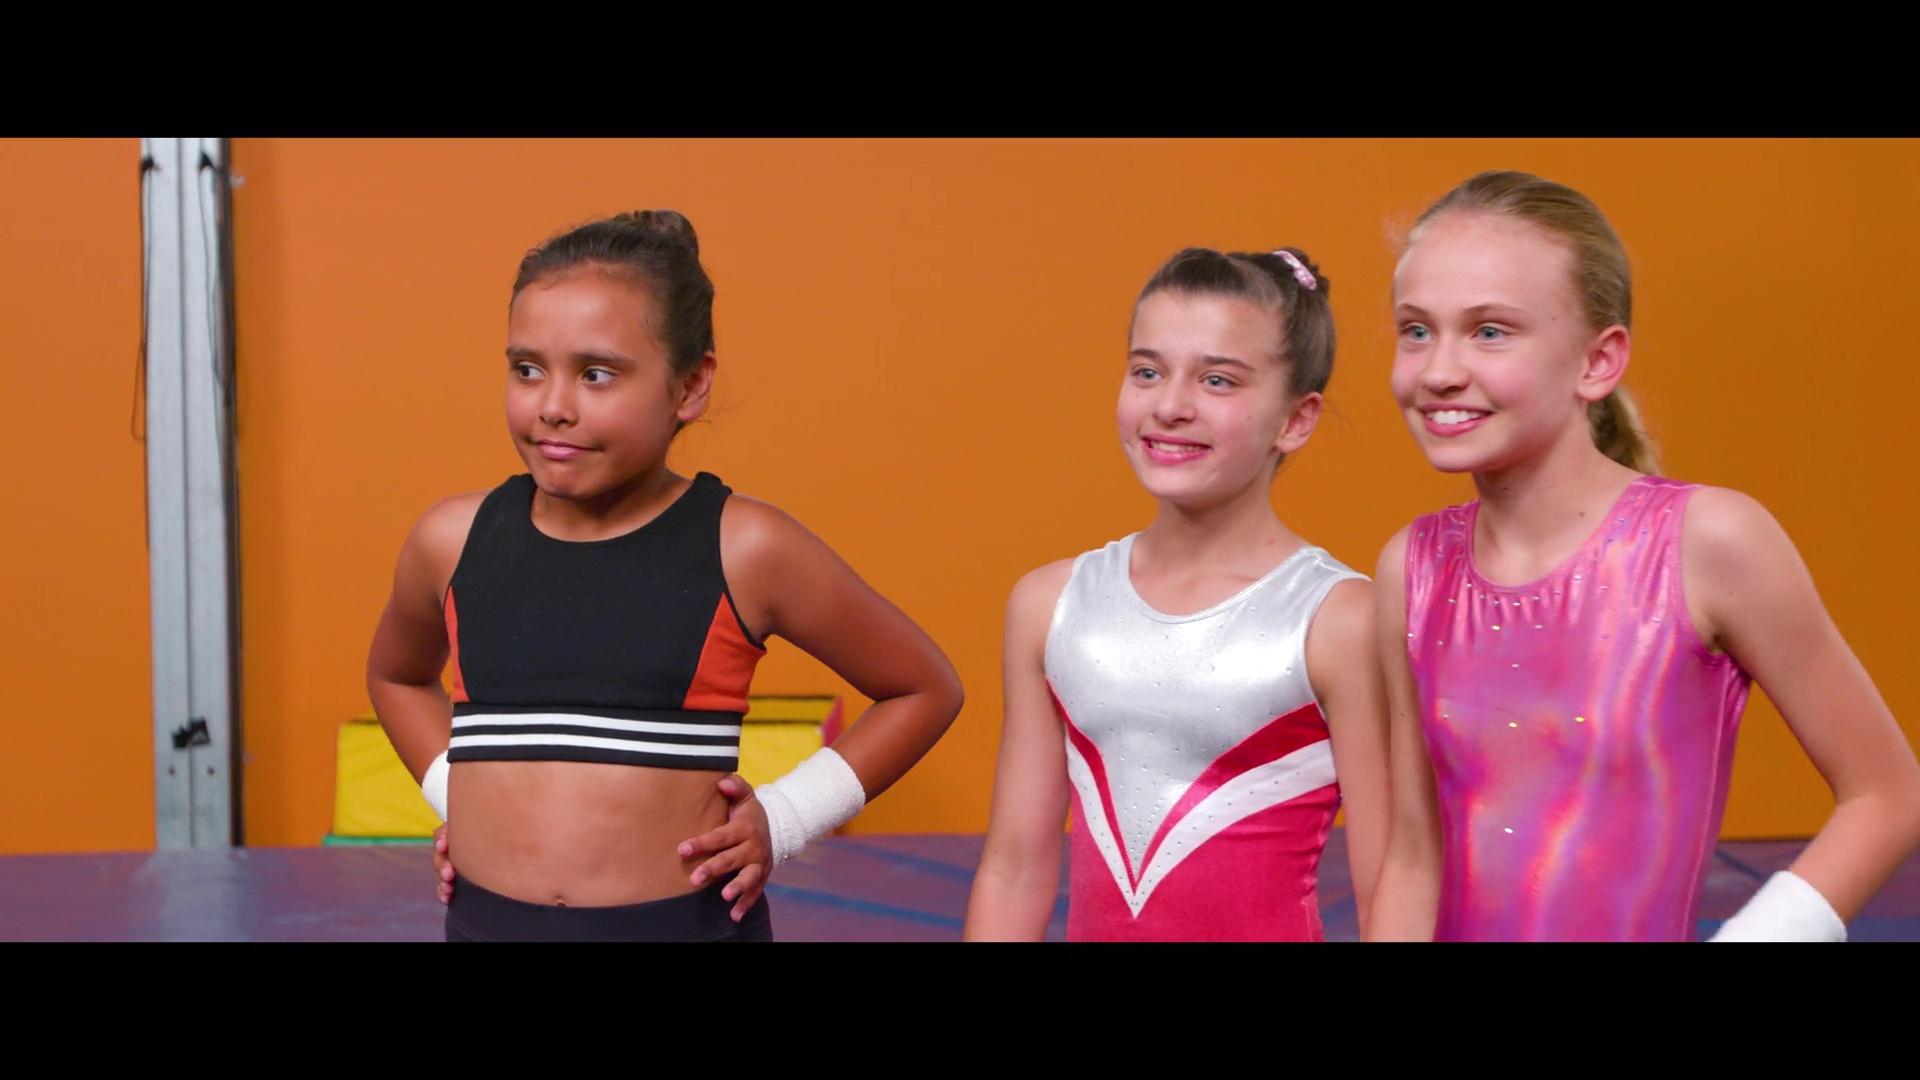 Una segunda oportunidad: ¡Rivales! (2019) 1080p WEB-DL Latino